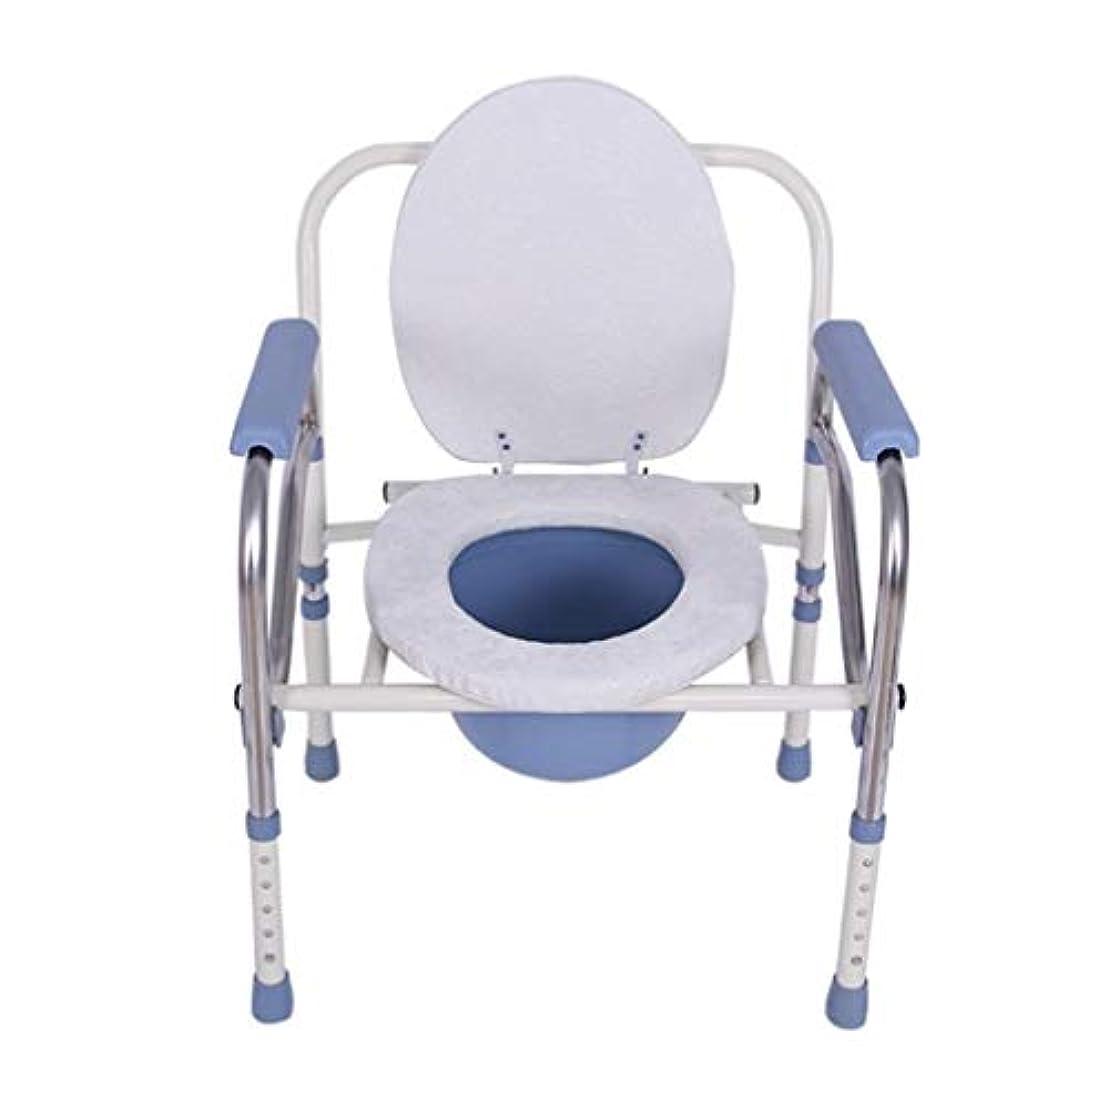 悪行アルファベット文芸折りたたみ式ベッドサイドside椅子-ステンレススチール製トイレ付き便器バケツ付き高さ調節可能な妊婦用トイレスツール